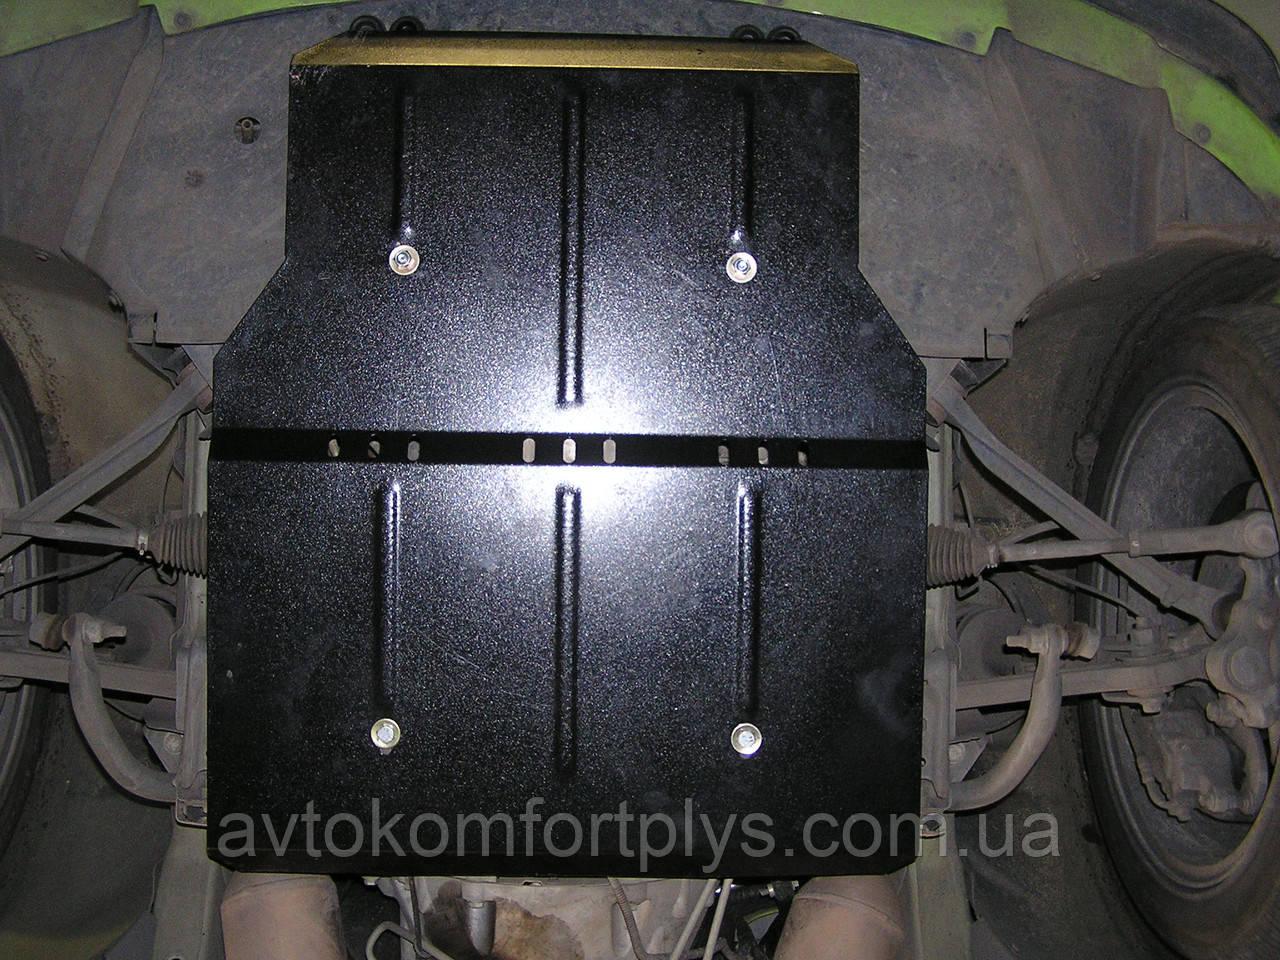 Металлическая (стальная) защита двигателя (картера) Dodge Charger SXT (2006-2010) (V-3,5; 5,7;)